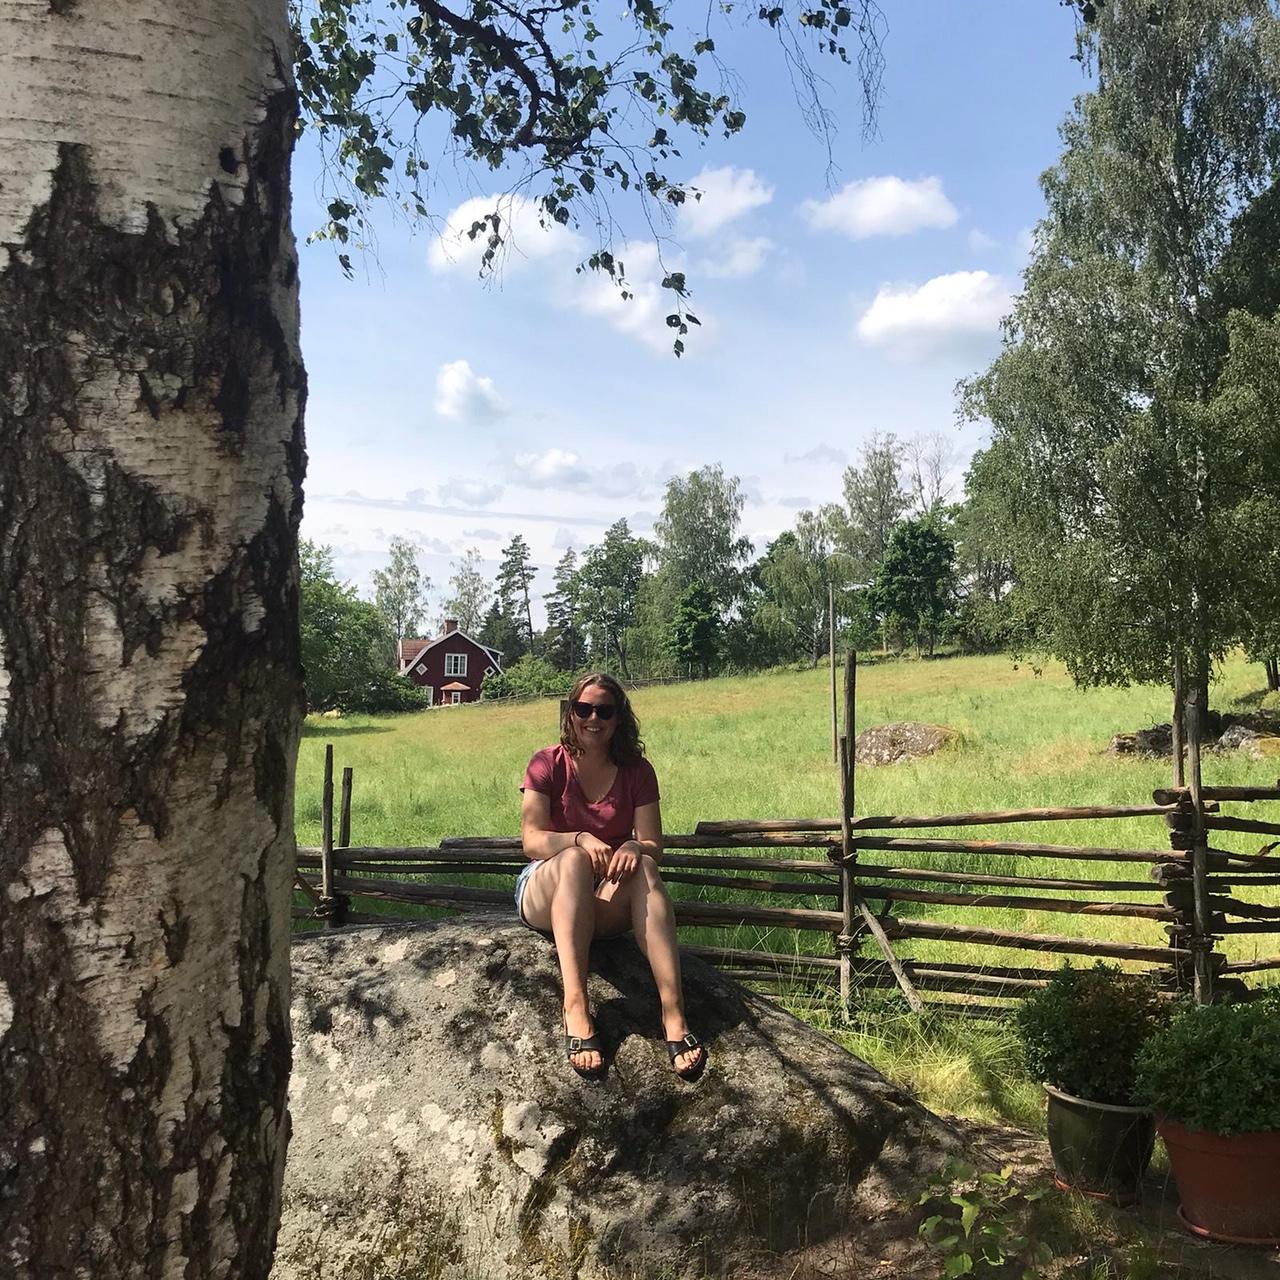 Besuch in Kattholt, der Heimat von Michel aus Lönneberga